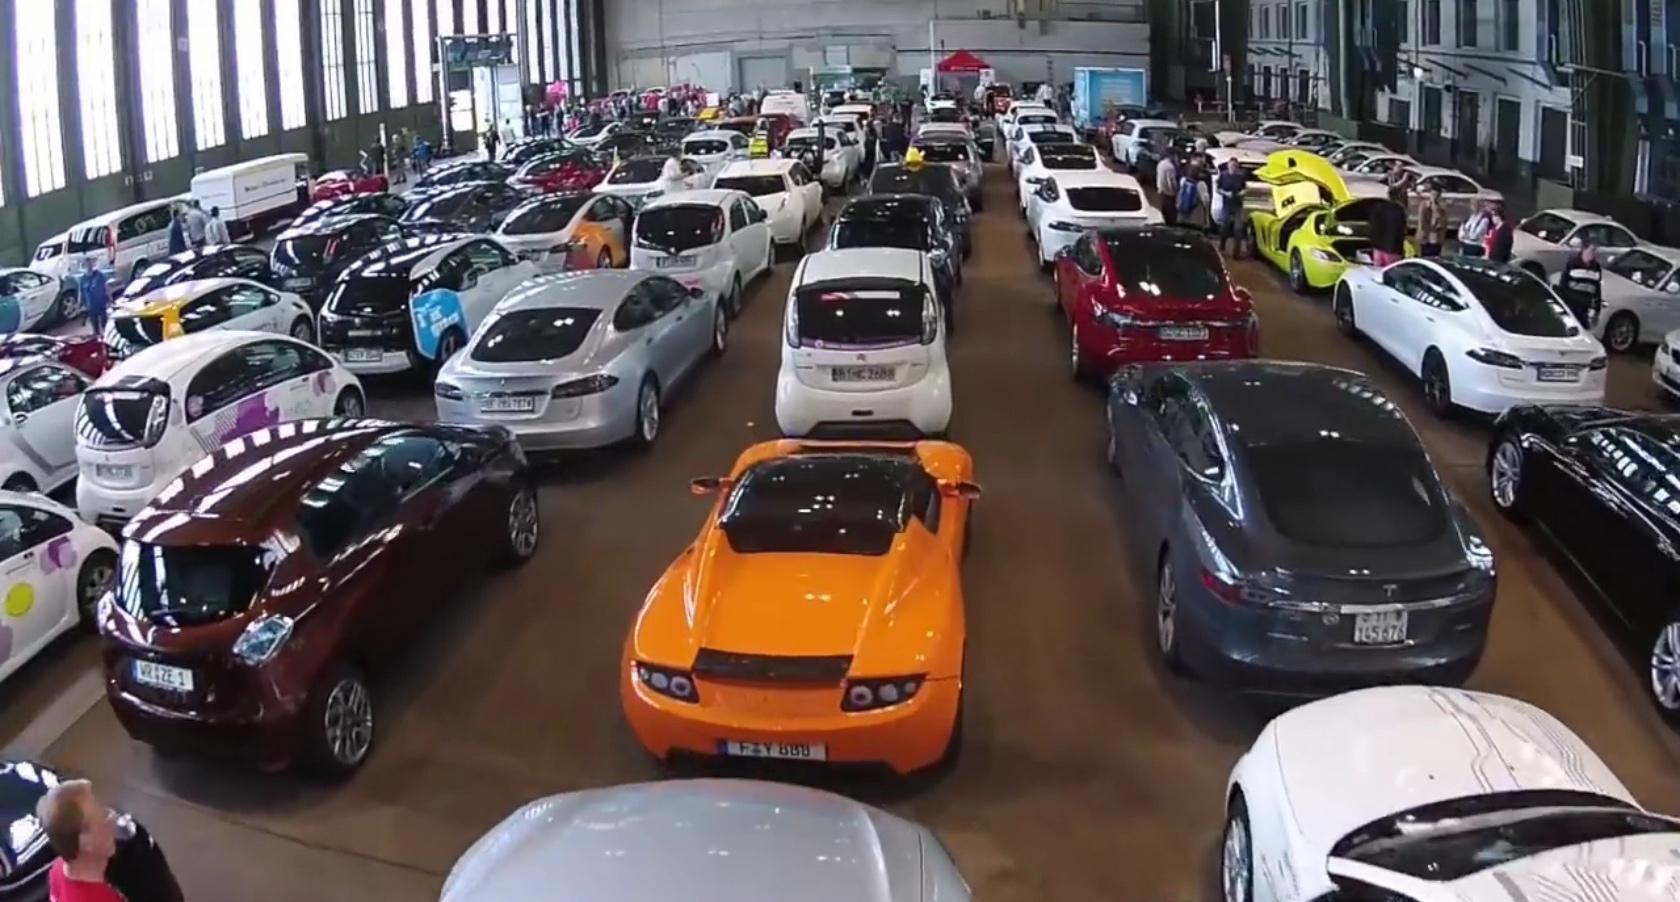 La concentración de 577 coches eléctricos en Berlin, supuso un nuevo récord Guinness. Autoevolution